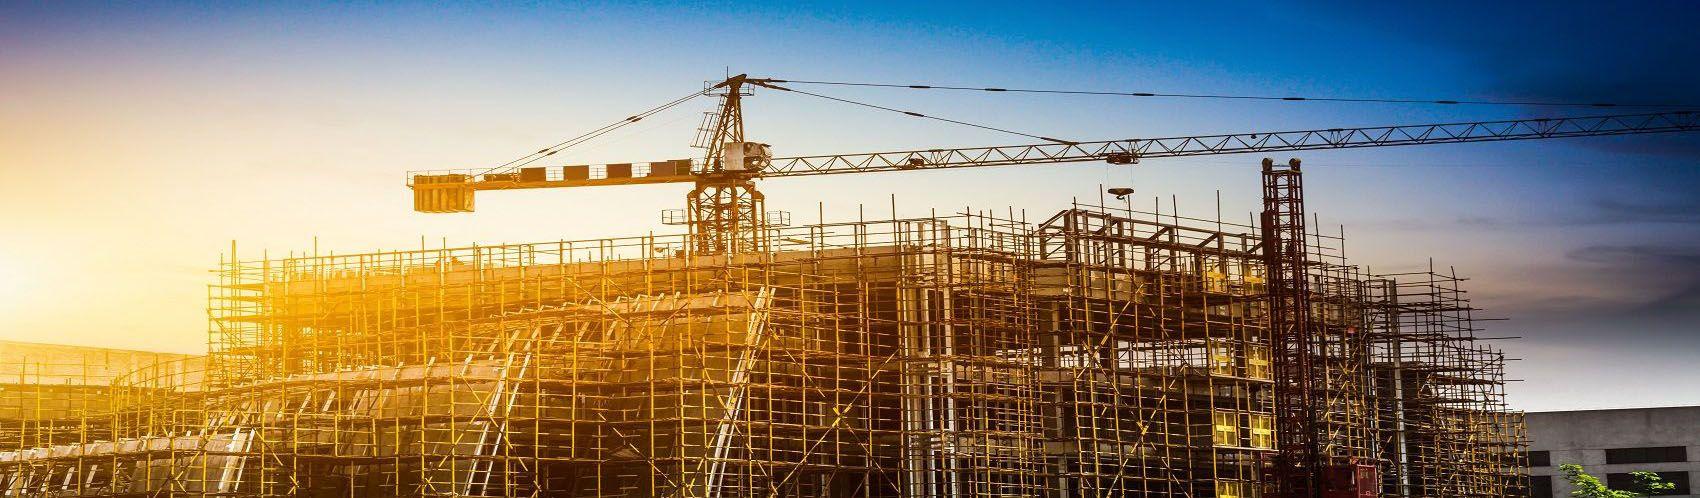 Đầu tư xây dựng và kinh doanh nhà